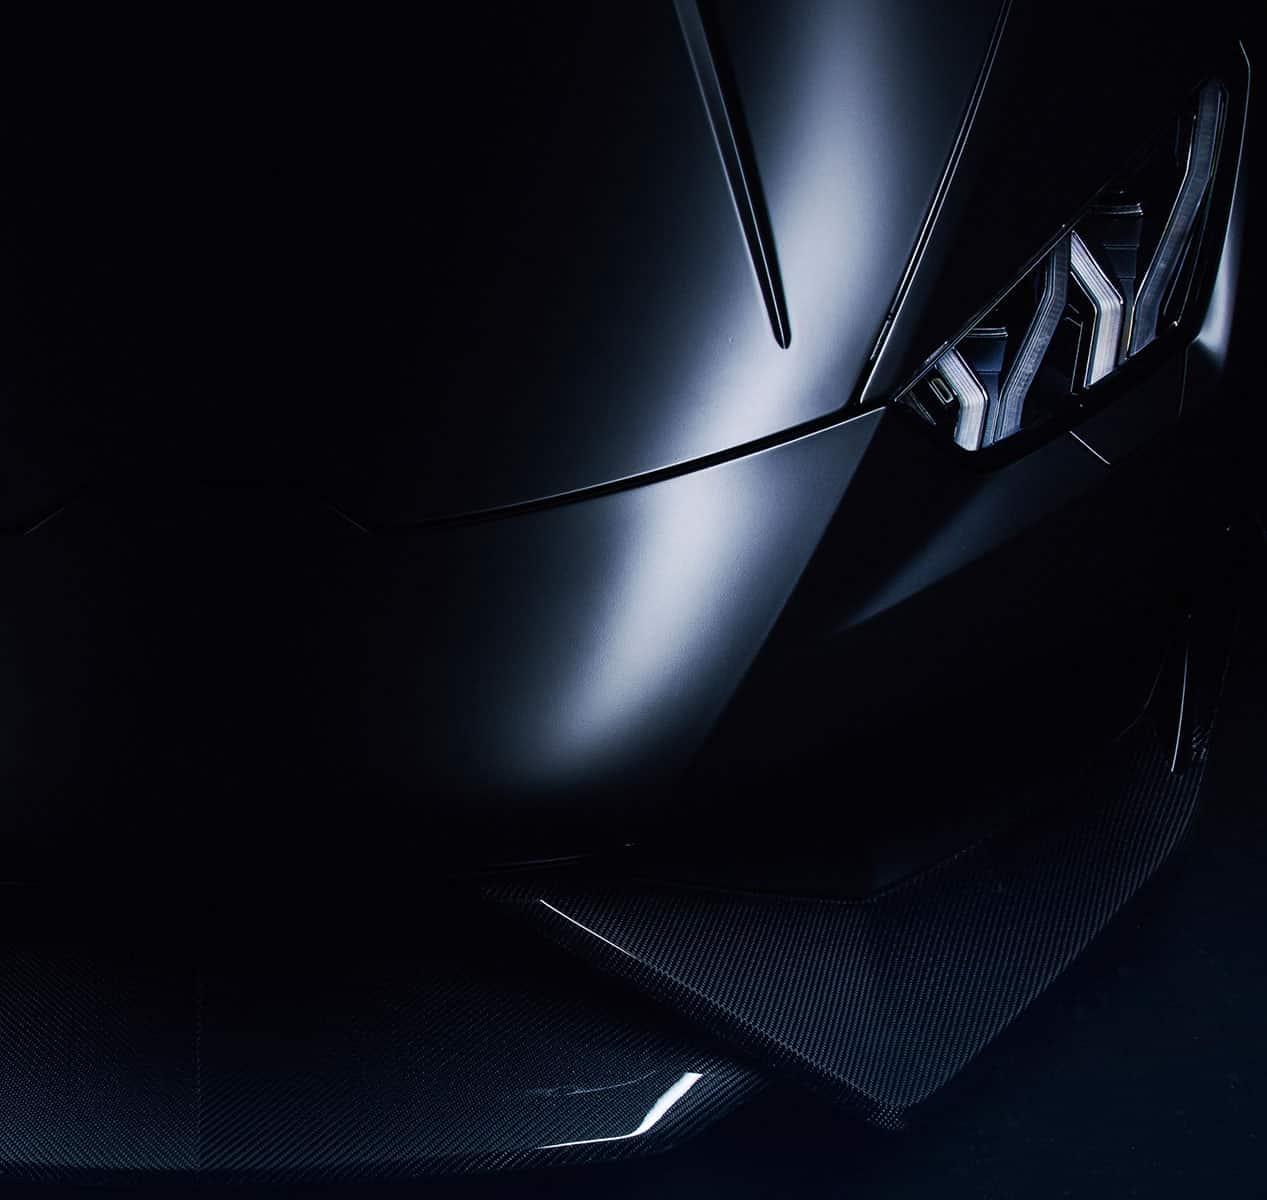 Ausschnitt eines Lamborghinis von vorne Neueskachel KASSANDRA